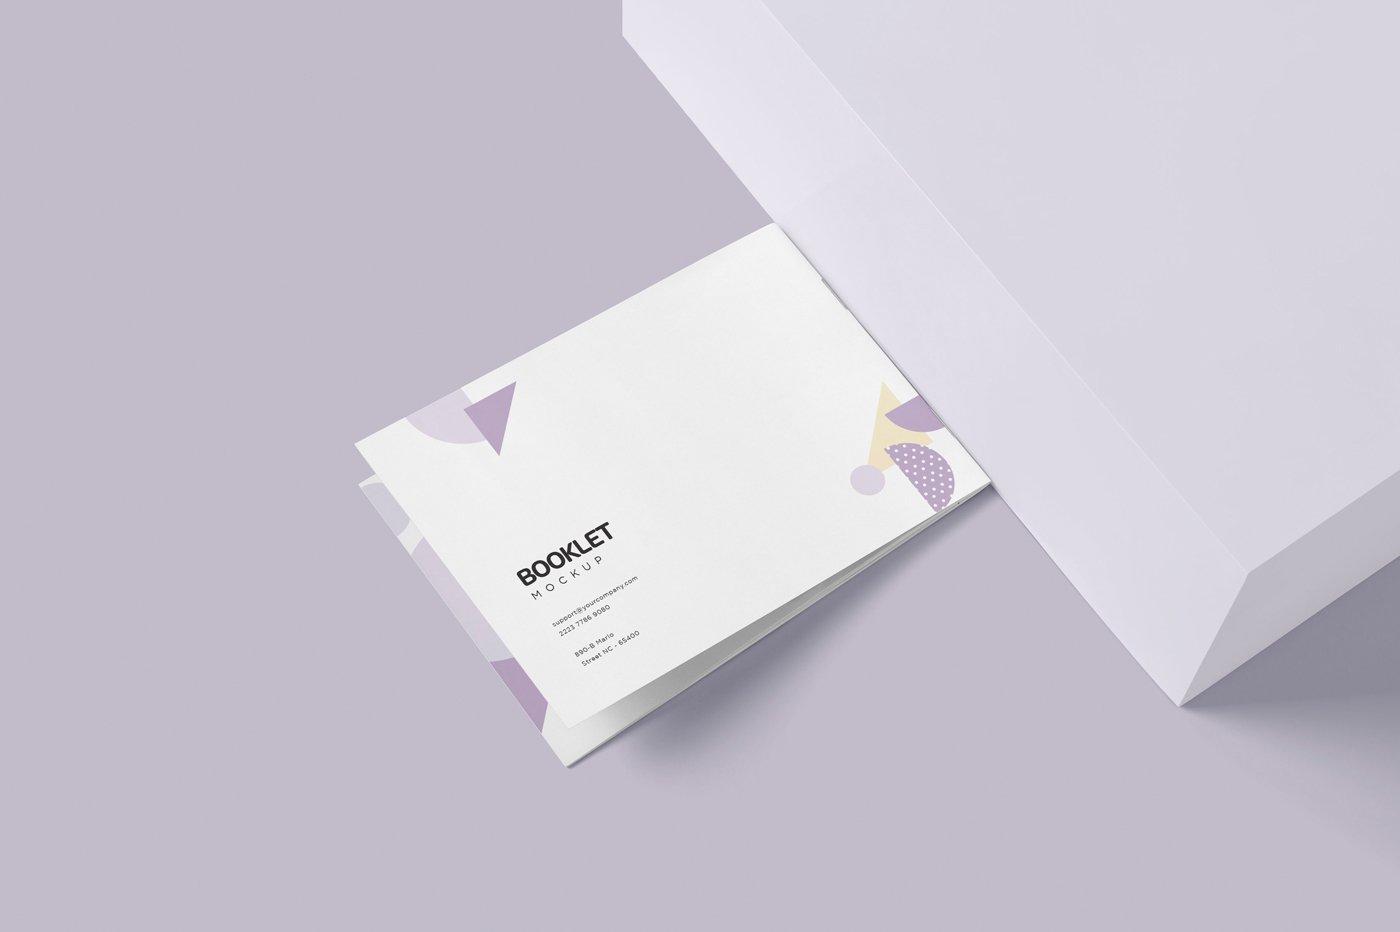 横版宣传手册画册设计展示样机模板 Landscape Booklet Mockup Templates插图(1)